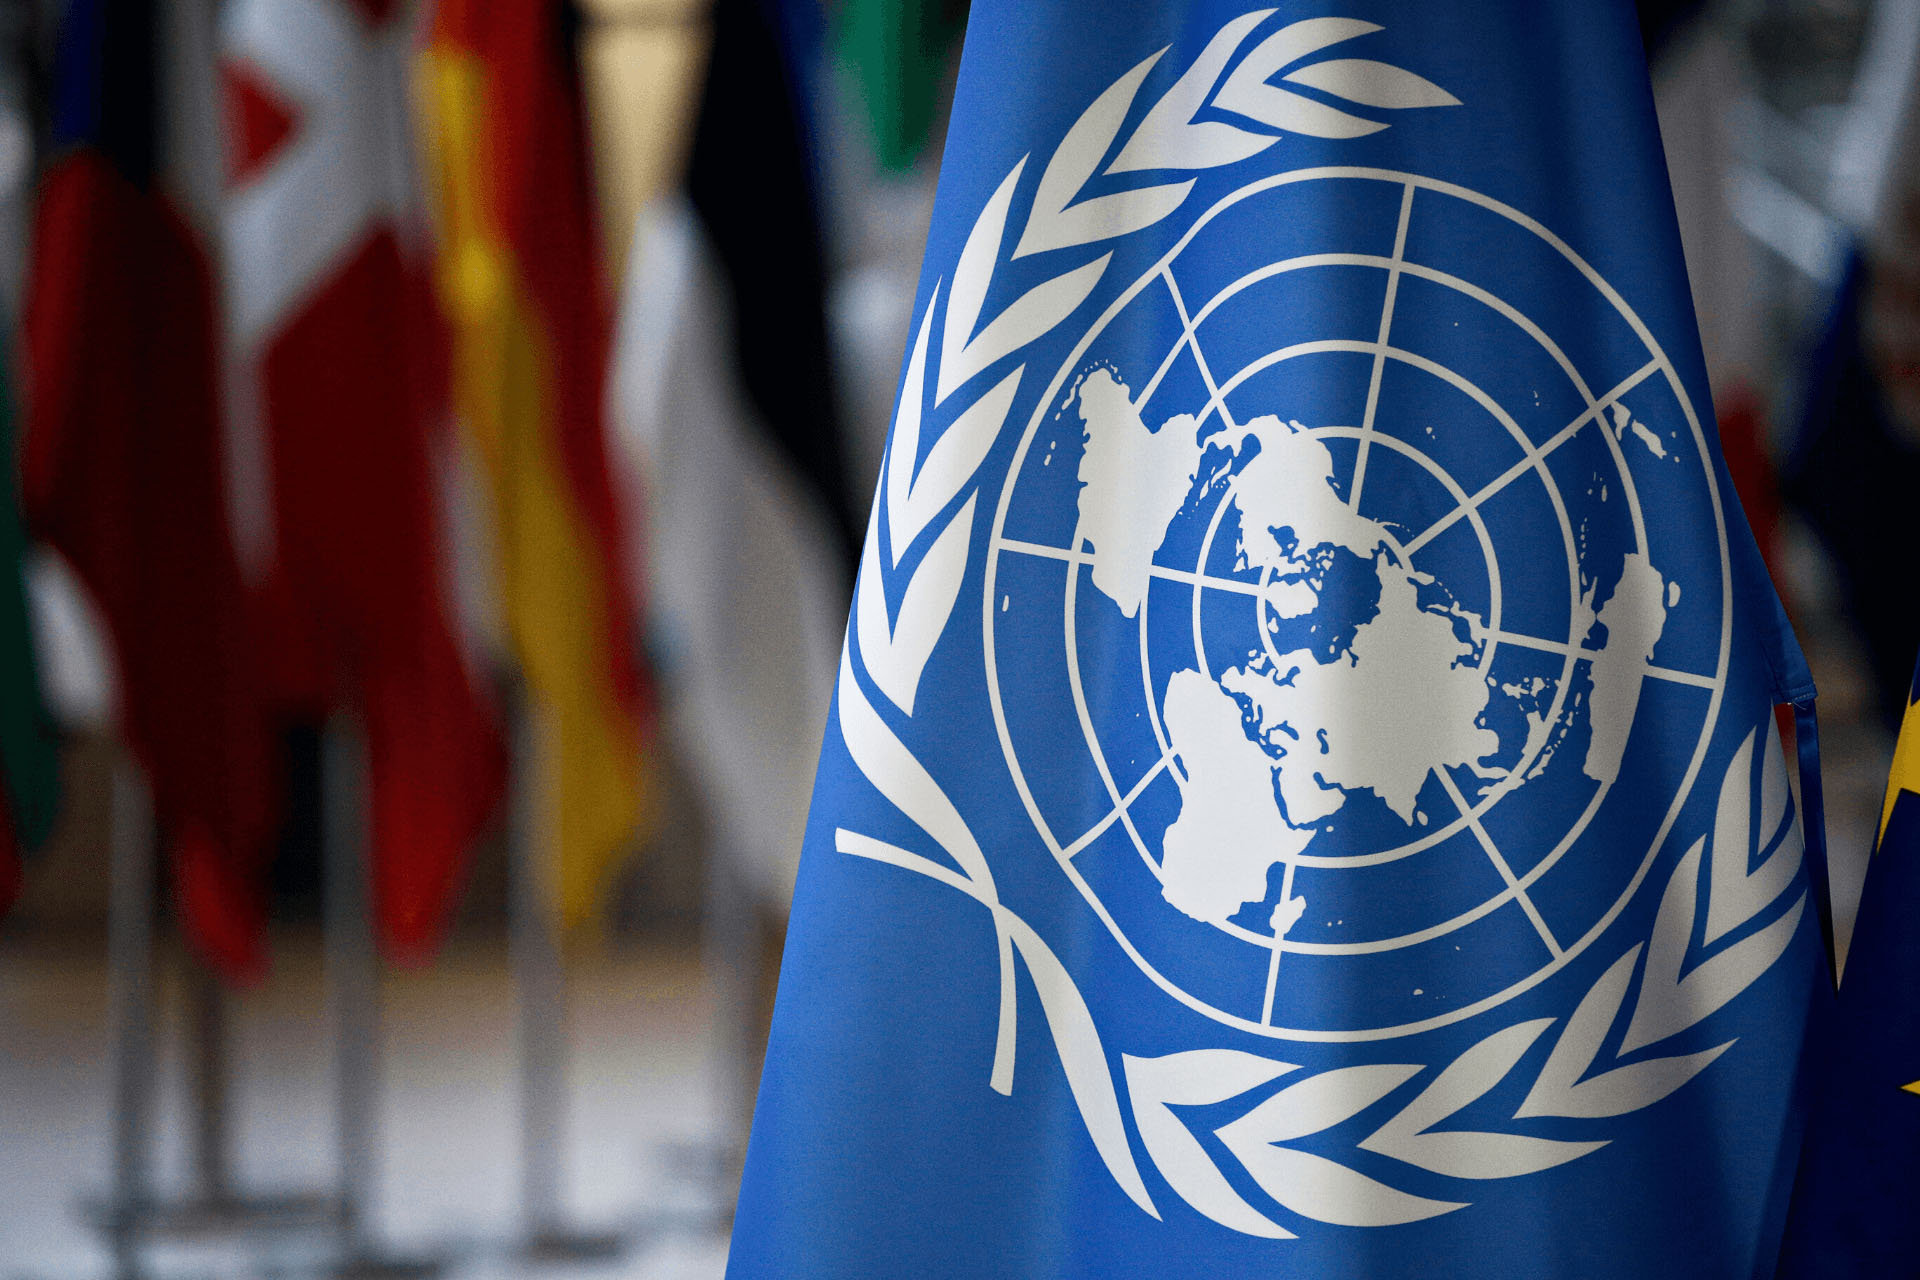 الأمم المتحدة: إفريقيا قد تواجه انهيارا كاملا للاقتصادات وسبل العيش بسبب كورونا - جريدة المال